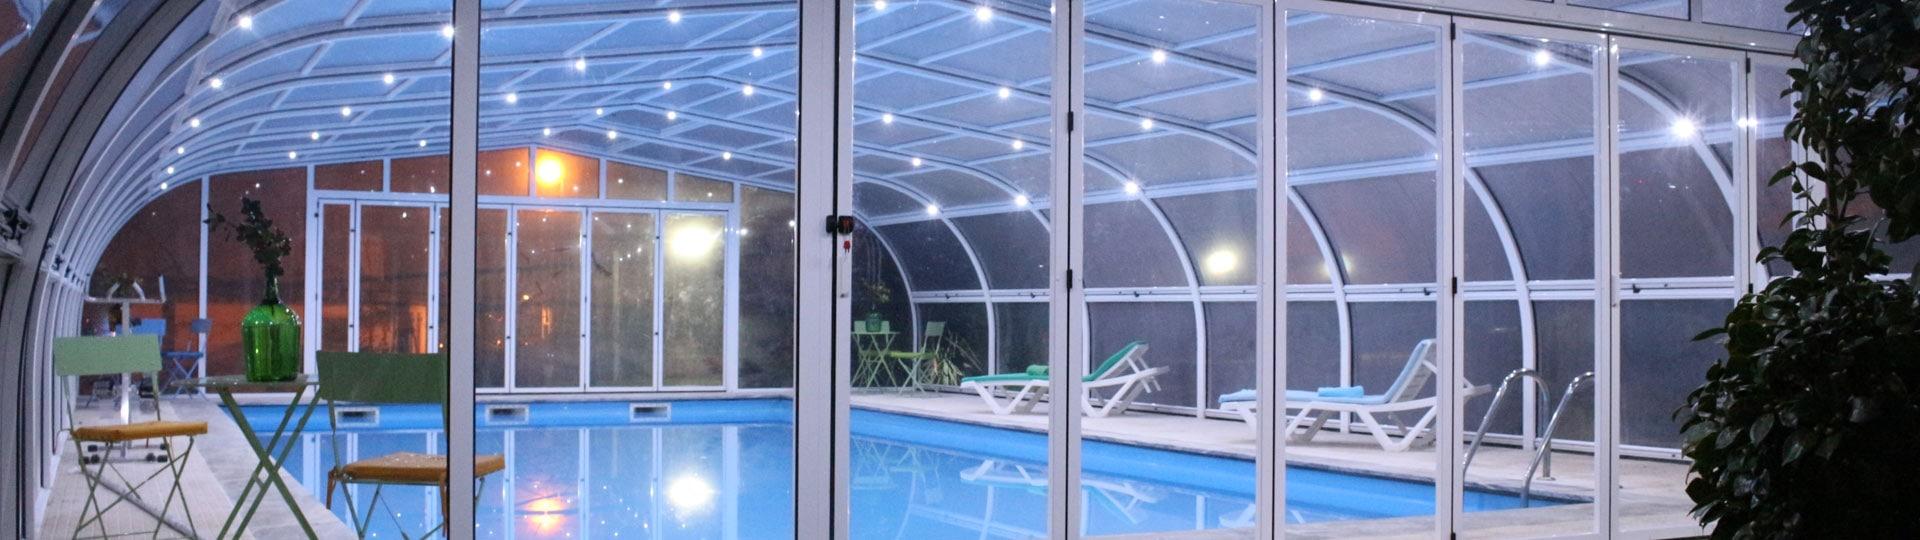 Tipos de cubiertas de piscina